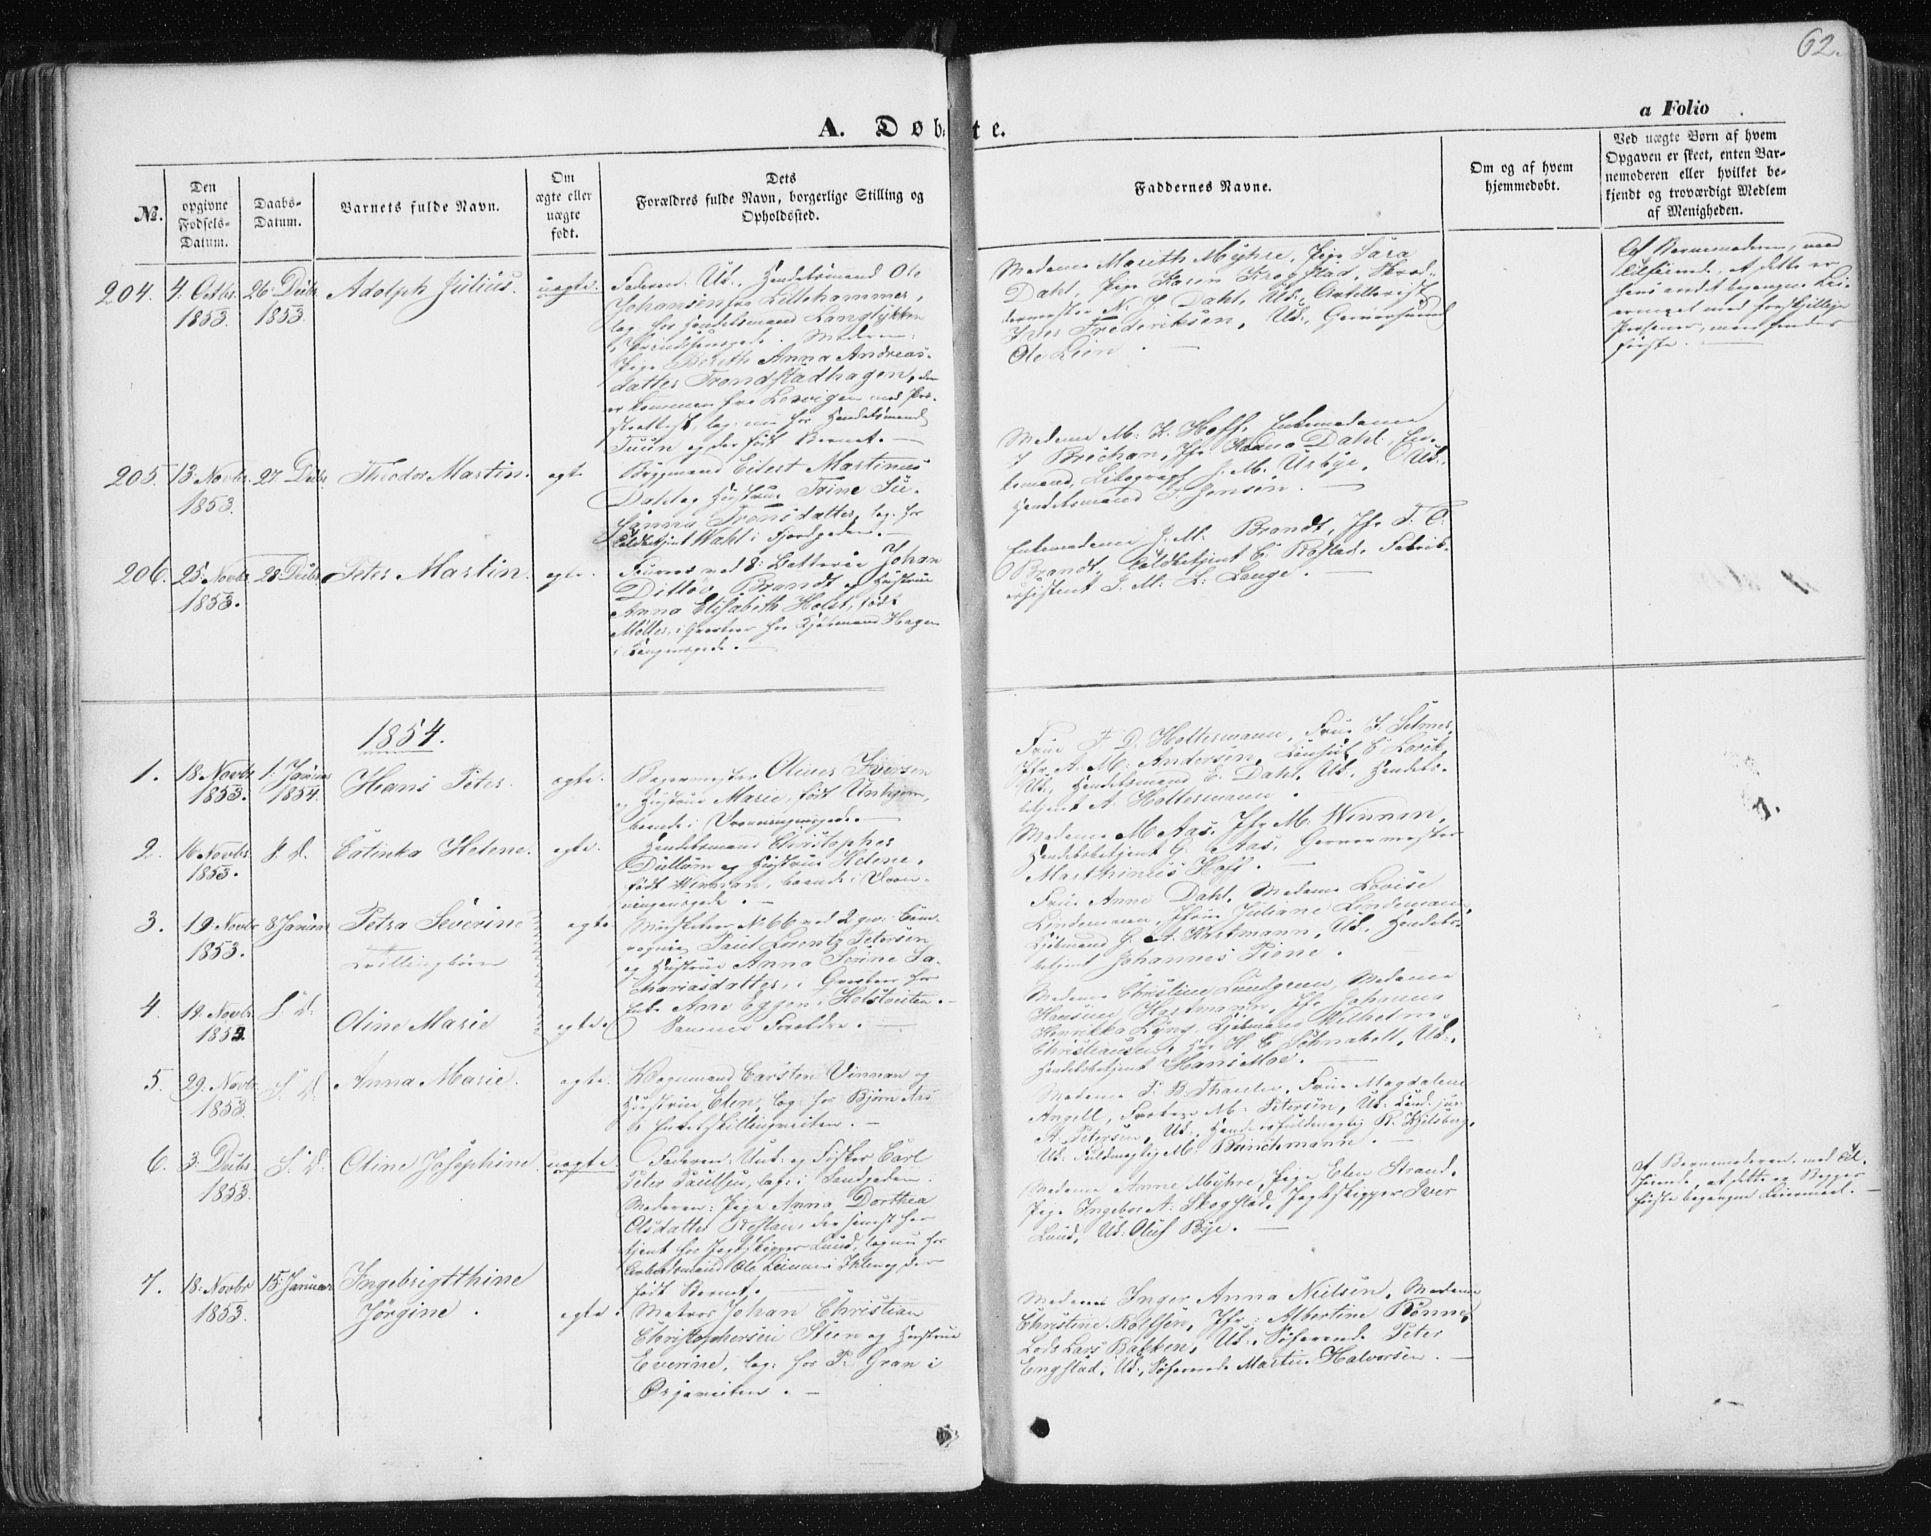 SAT, Ministerialprotokoller, klokkerbøker og fødselsregistre - Sør-Trøndelag, 602/L0112: Ministerialbok nr. 602A10, 1848-1859, s. 62